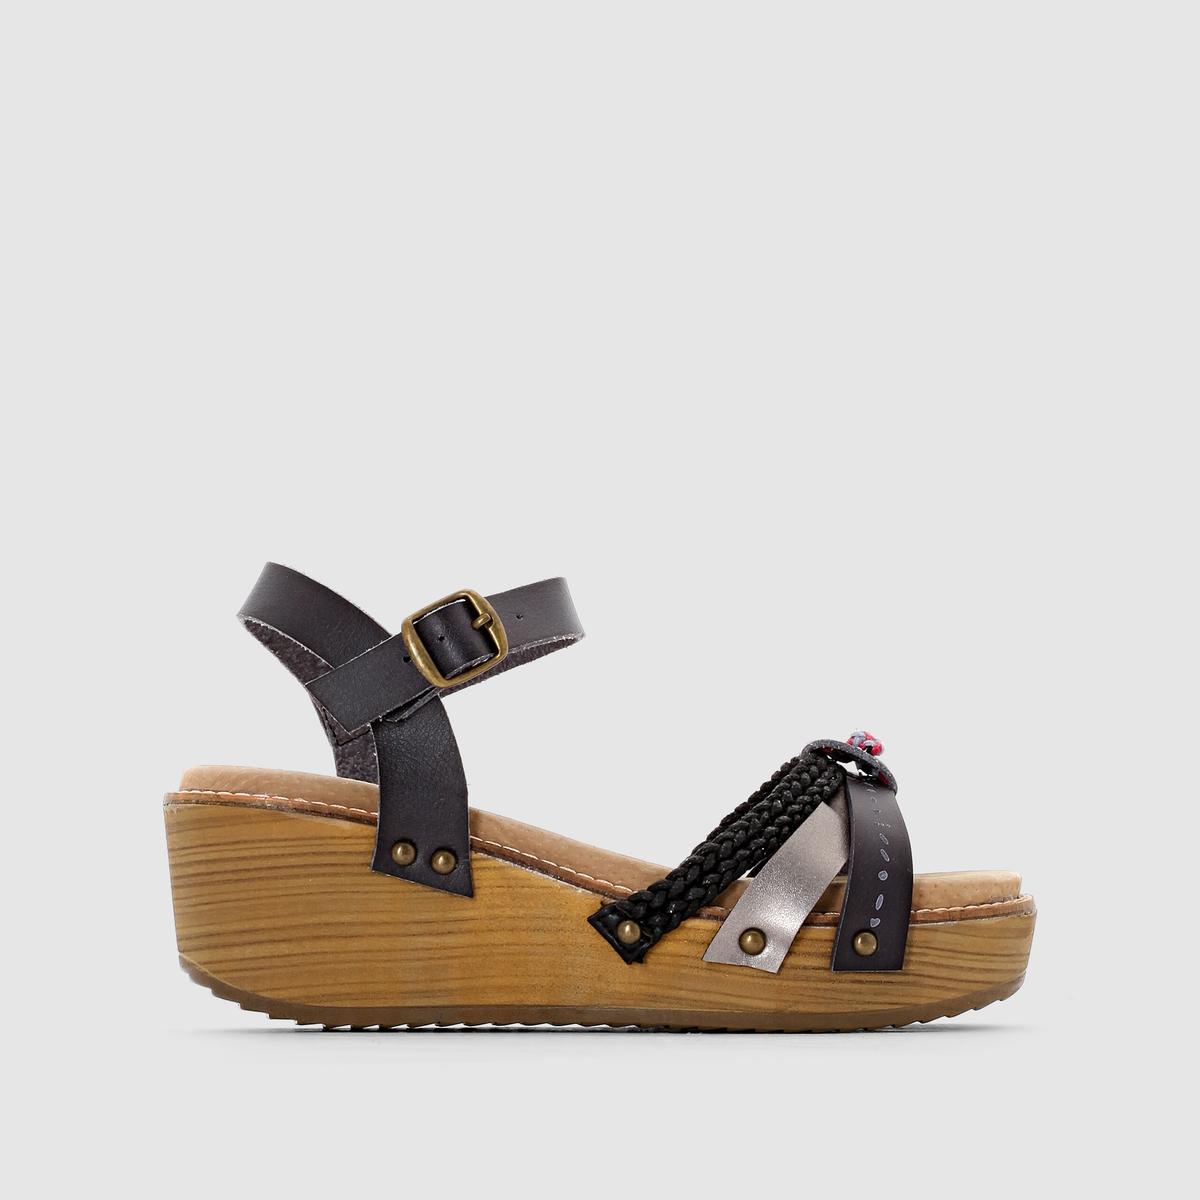 Босоножки на танкетке, ремешок вокруг щиколотки, CELINEГородской, новый и модный стиль, обувь, всегда соответствующая модным тенденциям и переменчивая, как наши предпочтения стиля, все это - Coolway ! Доказательством является эта новая модель босоножек, которую можно надеть не задумываясь !<br><br>Цвет: черный<br>Размер: 39